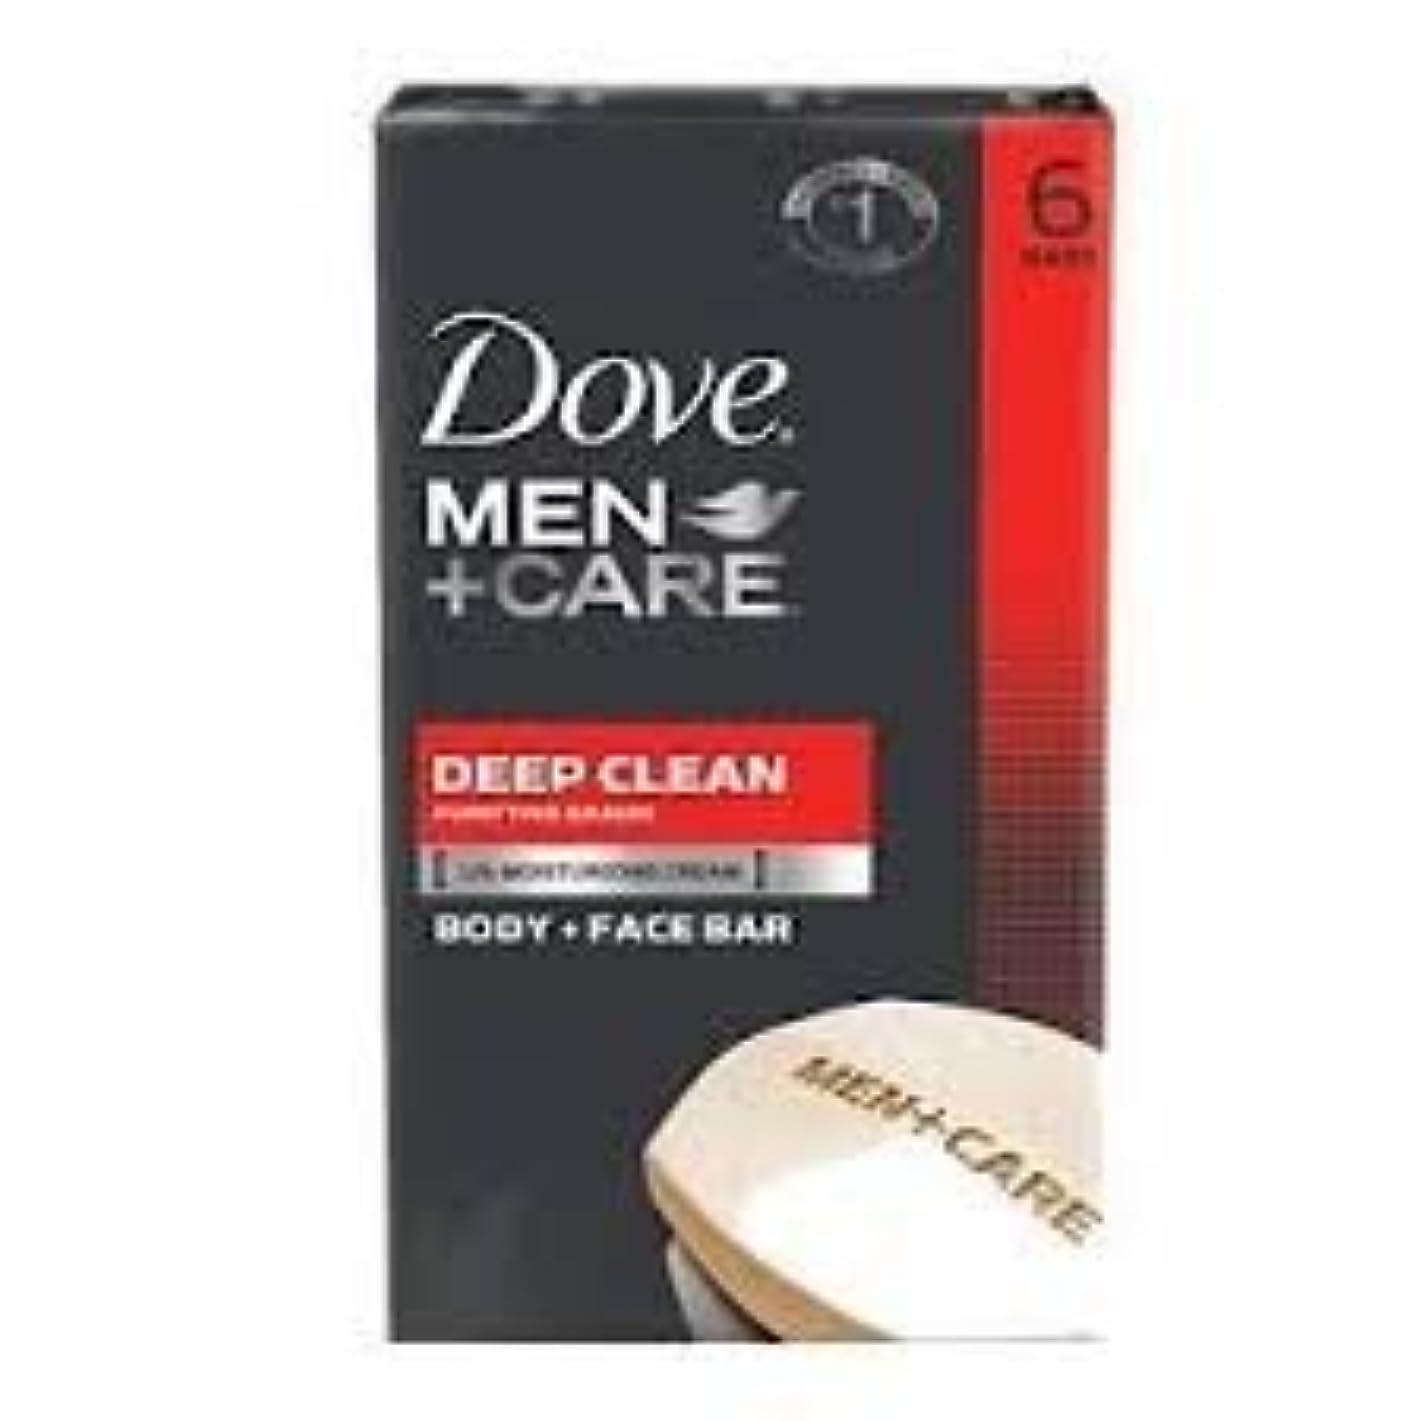 道徳看板最も早いDove Men + Care Body and Face Bar, Deep Clean 4oz x 6Bars ダブ メン プラスケア ディープ クリーン ソープ 4oz x 6個